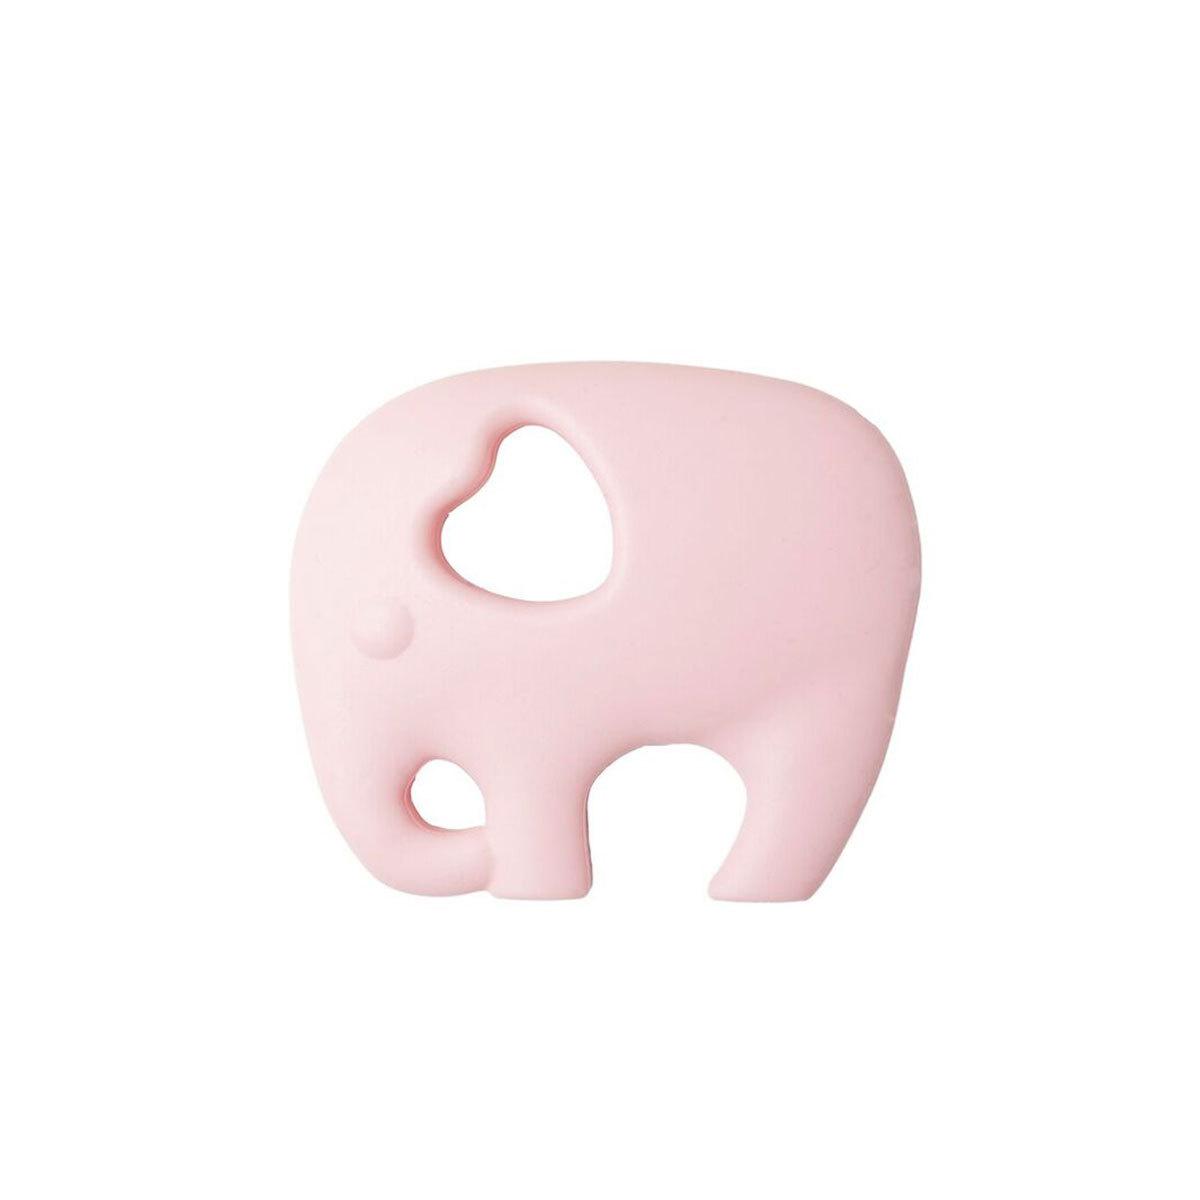 Anneau de dentition Jouet de Dentition Eléphant - Rose Jouet de Dentition Eléphant - Rose